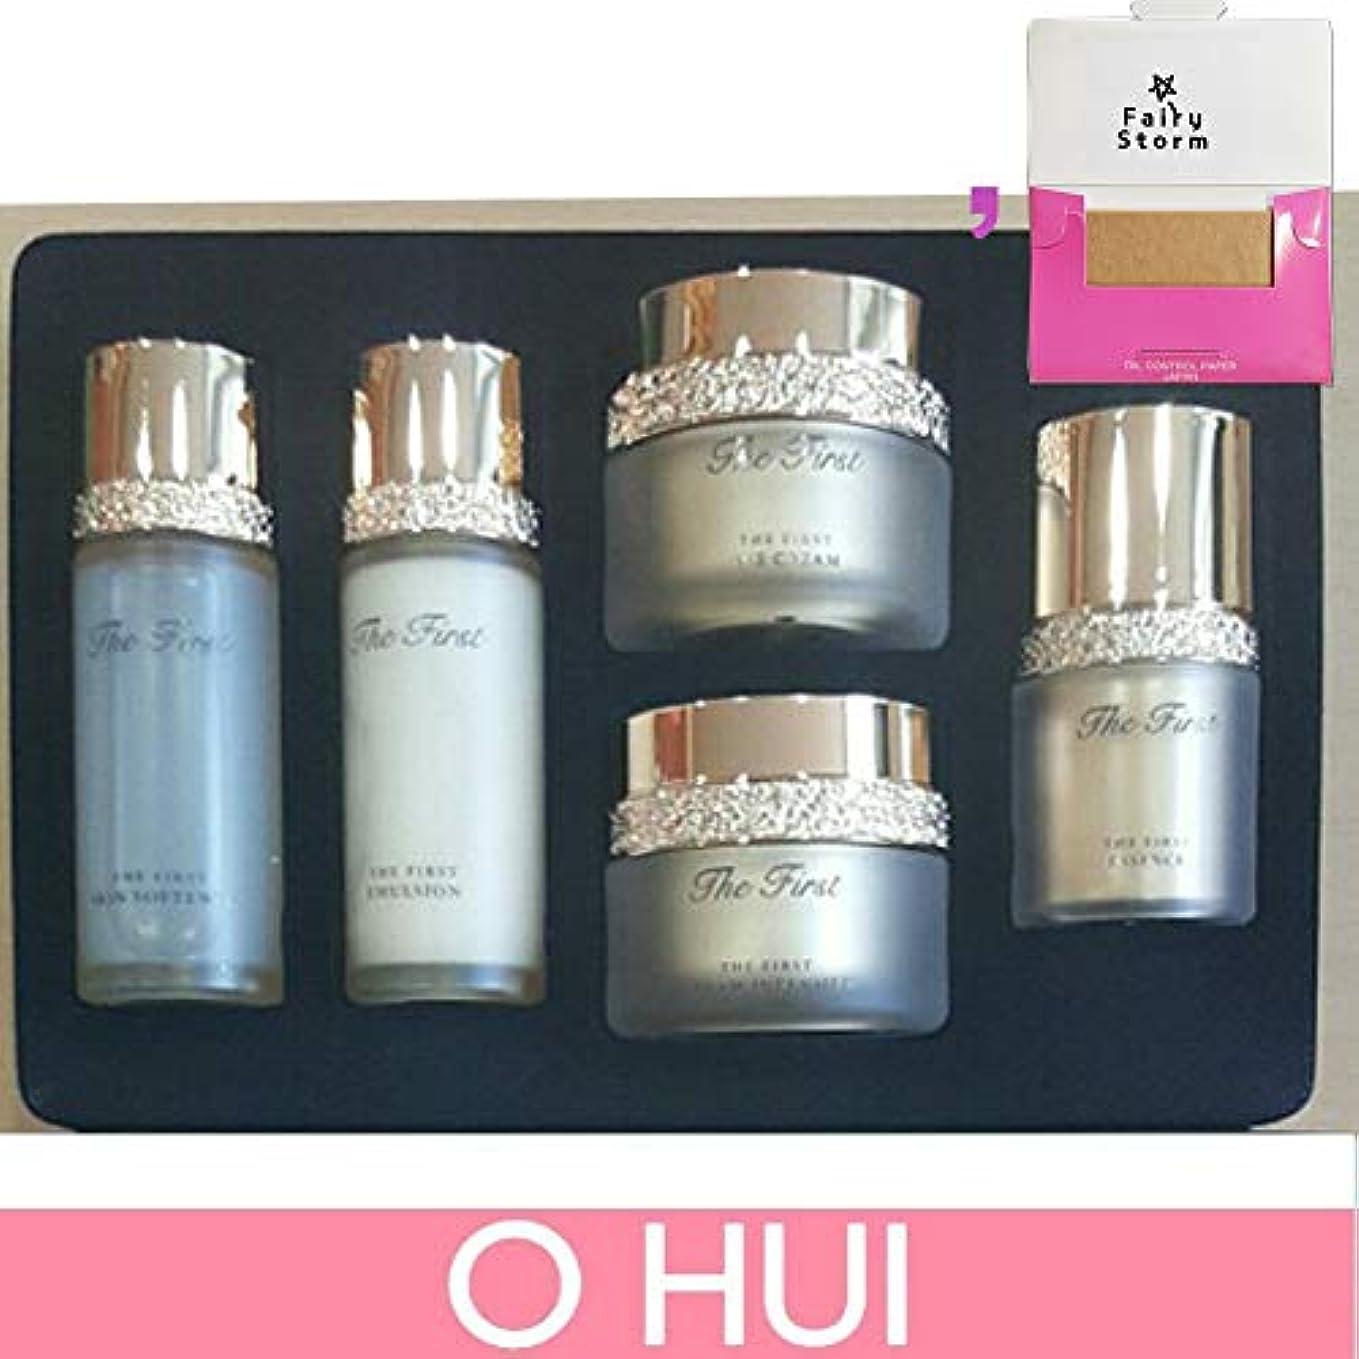 [オフィ/O HUI]韓国化粧品 LG生活健康/OHUI the First Cell Revolution 5pcs Special Kit Set + [Sample Gift](海外直送品)